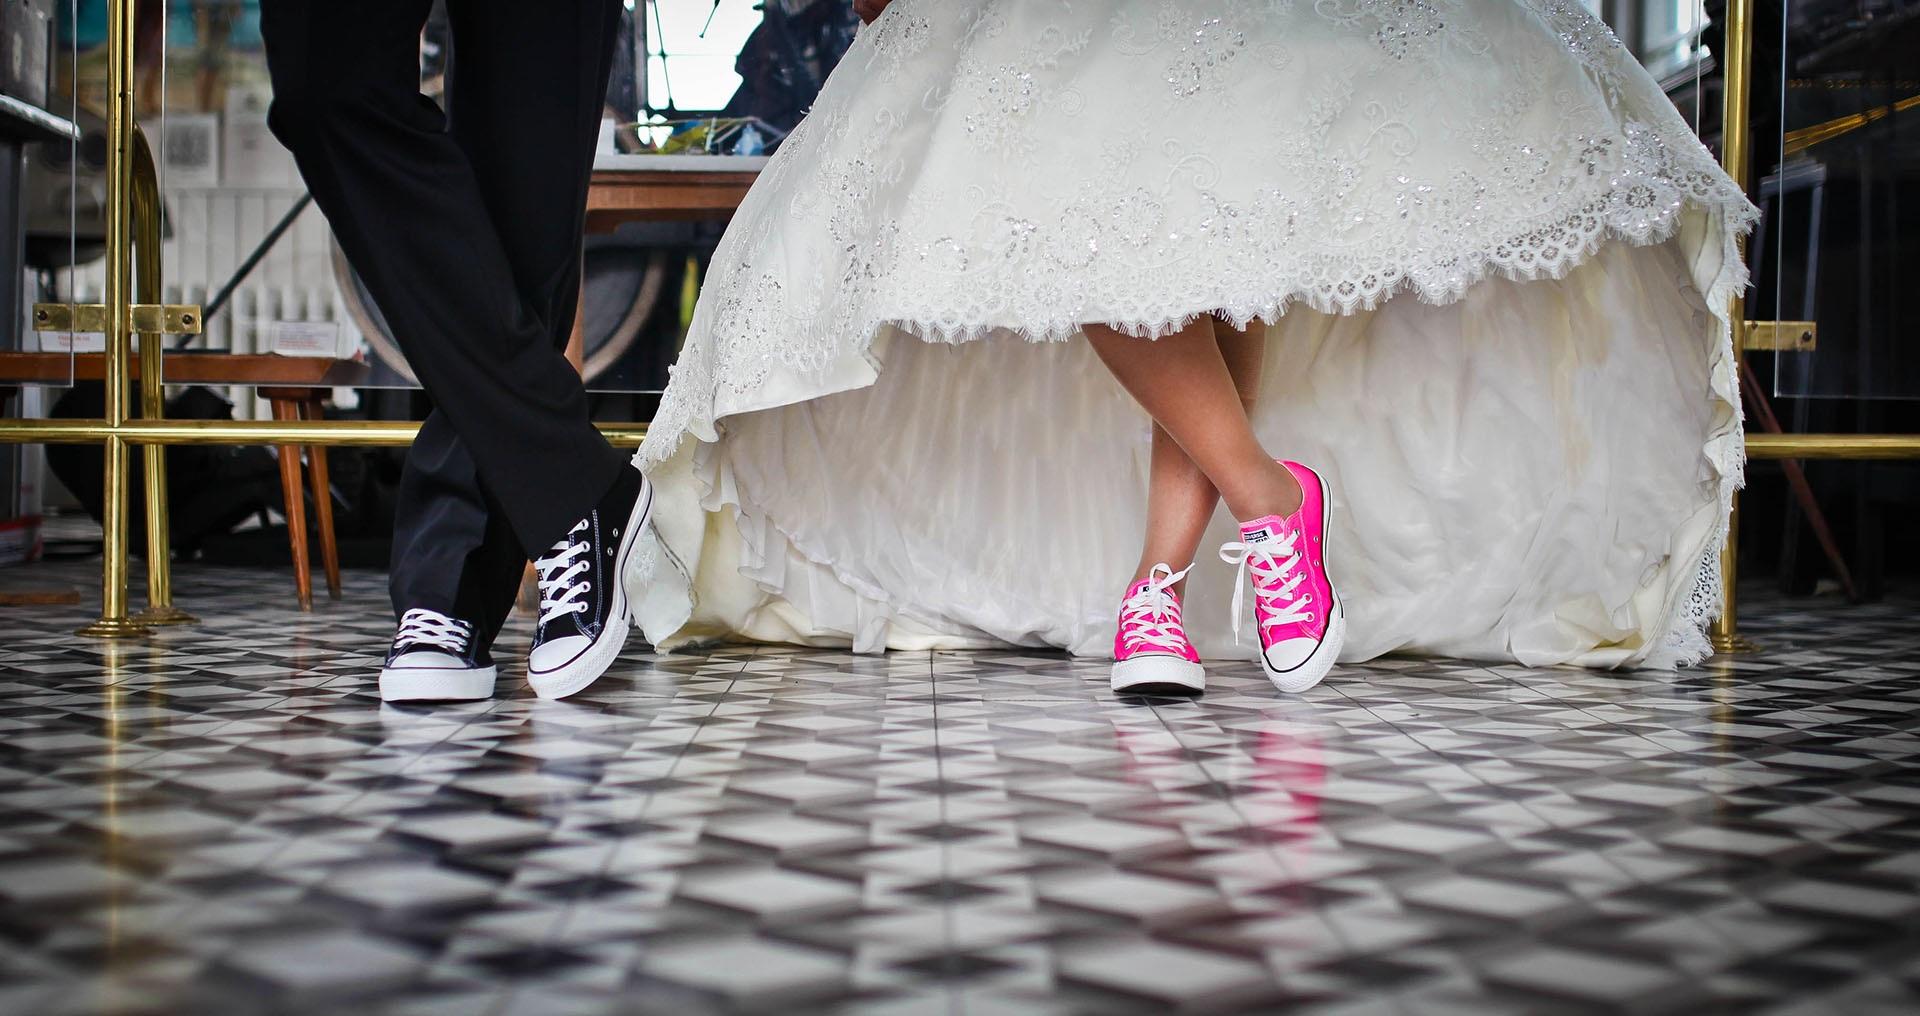 matrimonio, Originale, scarpe, Calzature, Sposa e sposo - Sfondi HD - Professor-falken.com